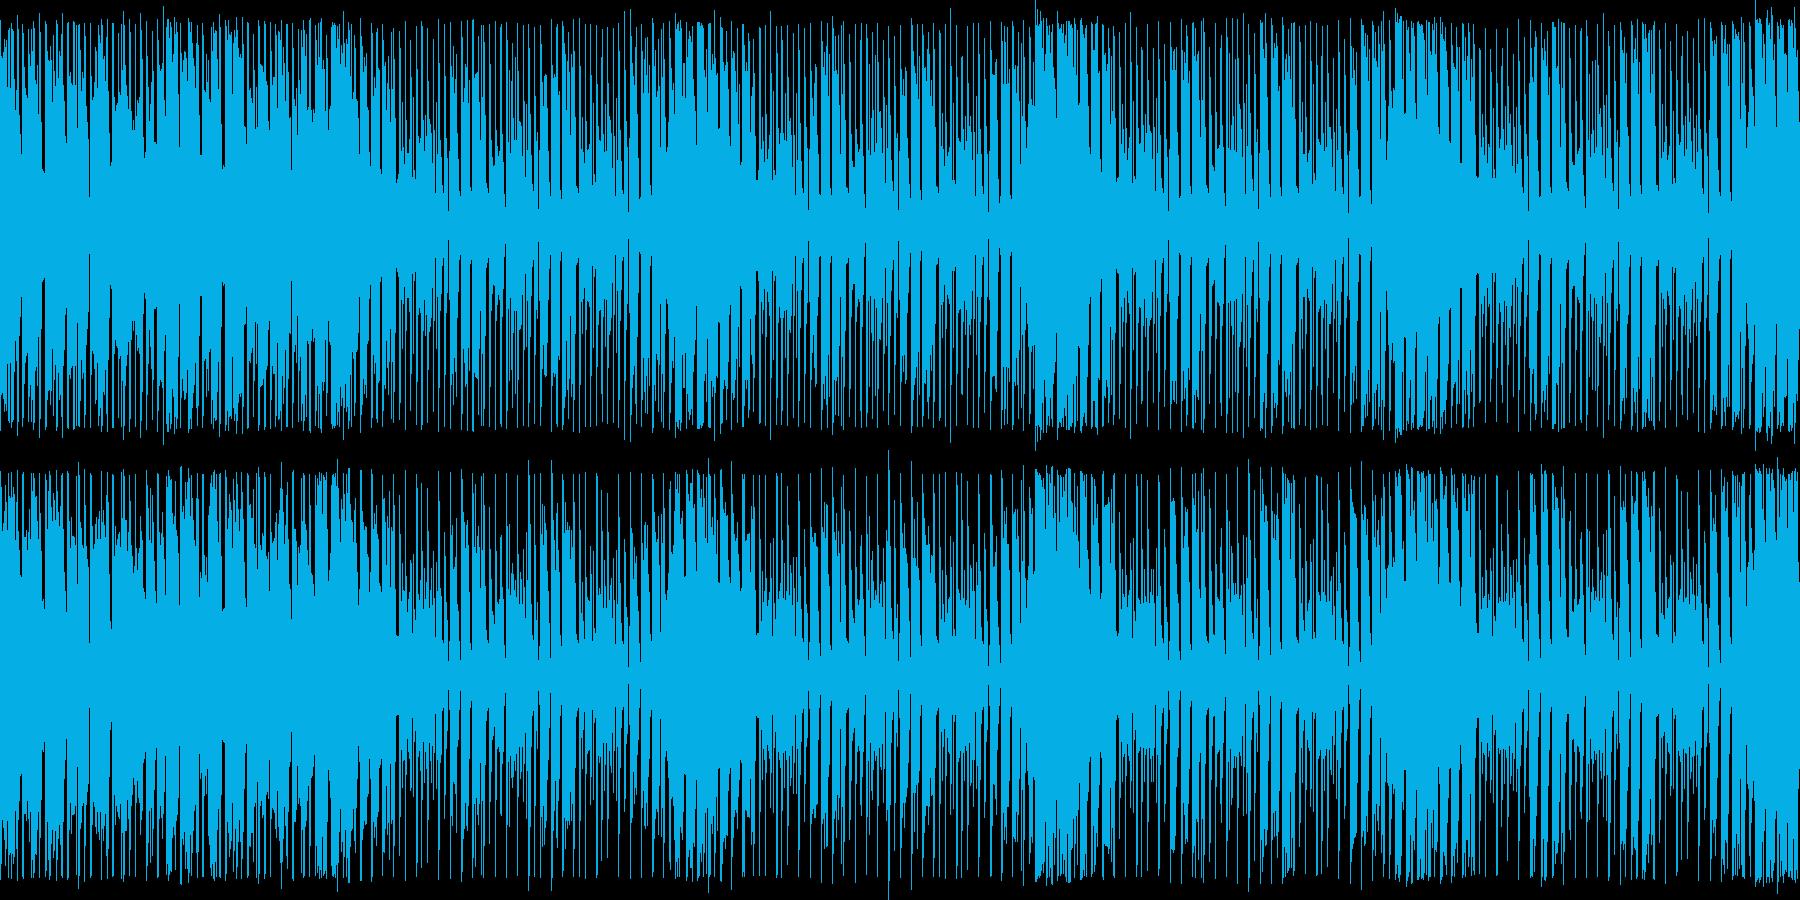 ダンスエクササイズBPM140:ループ版の再生済みの波形